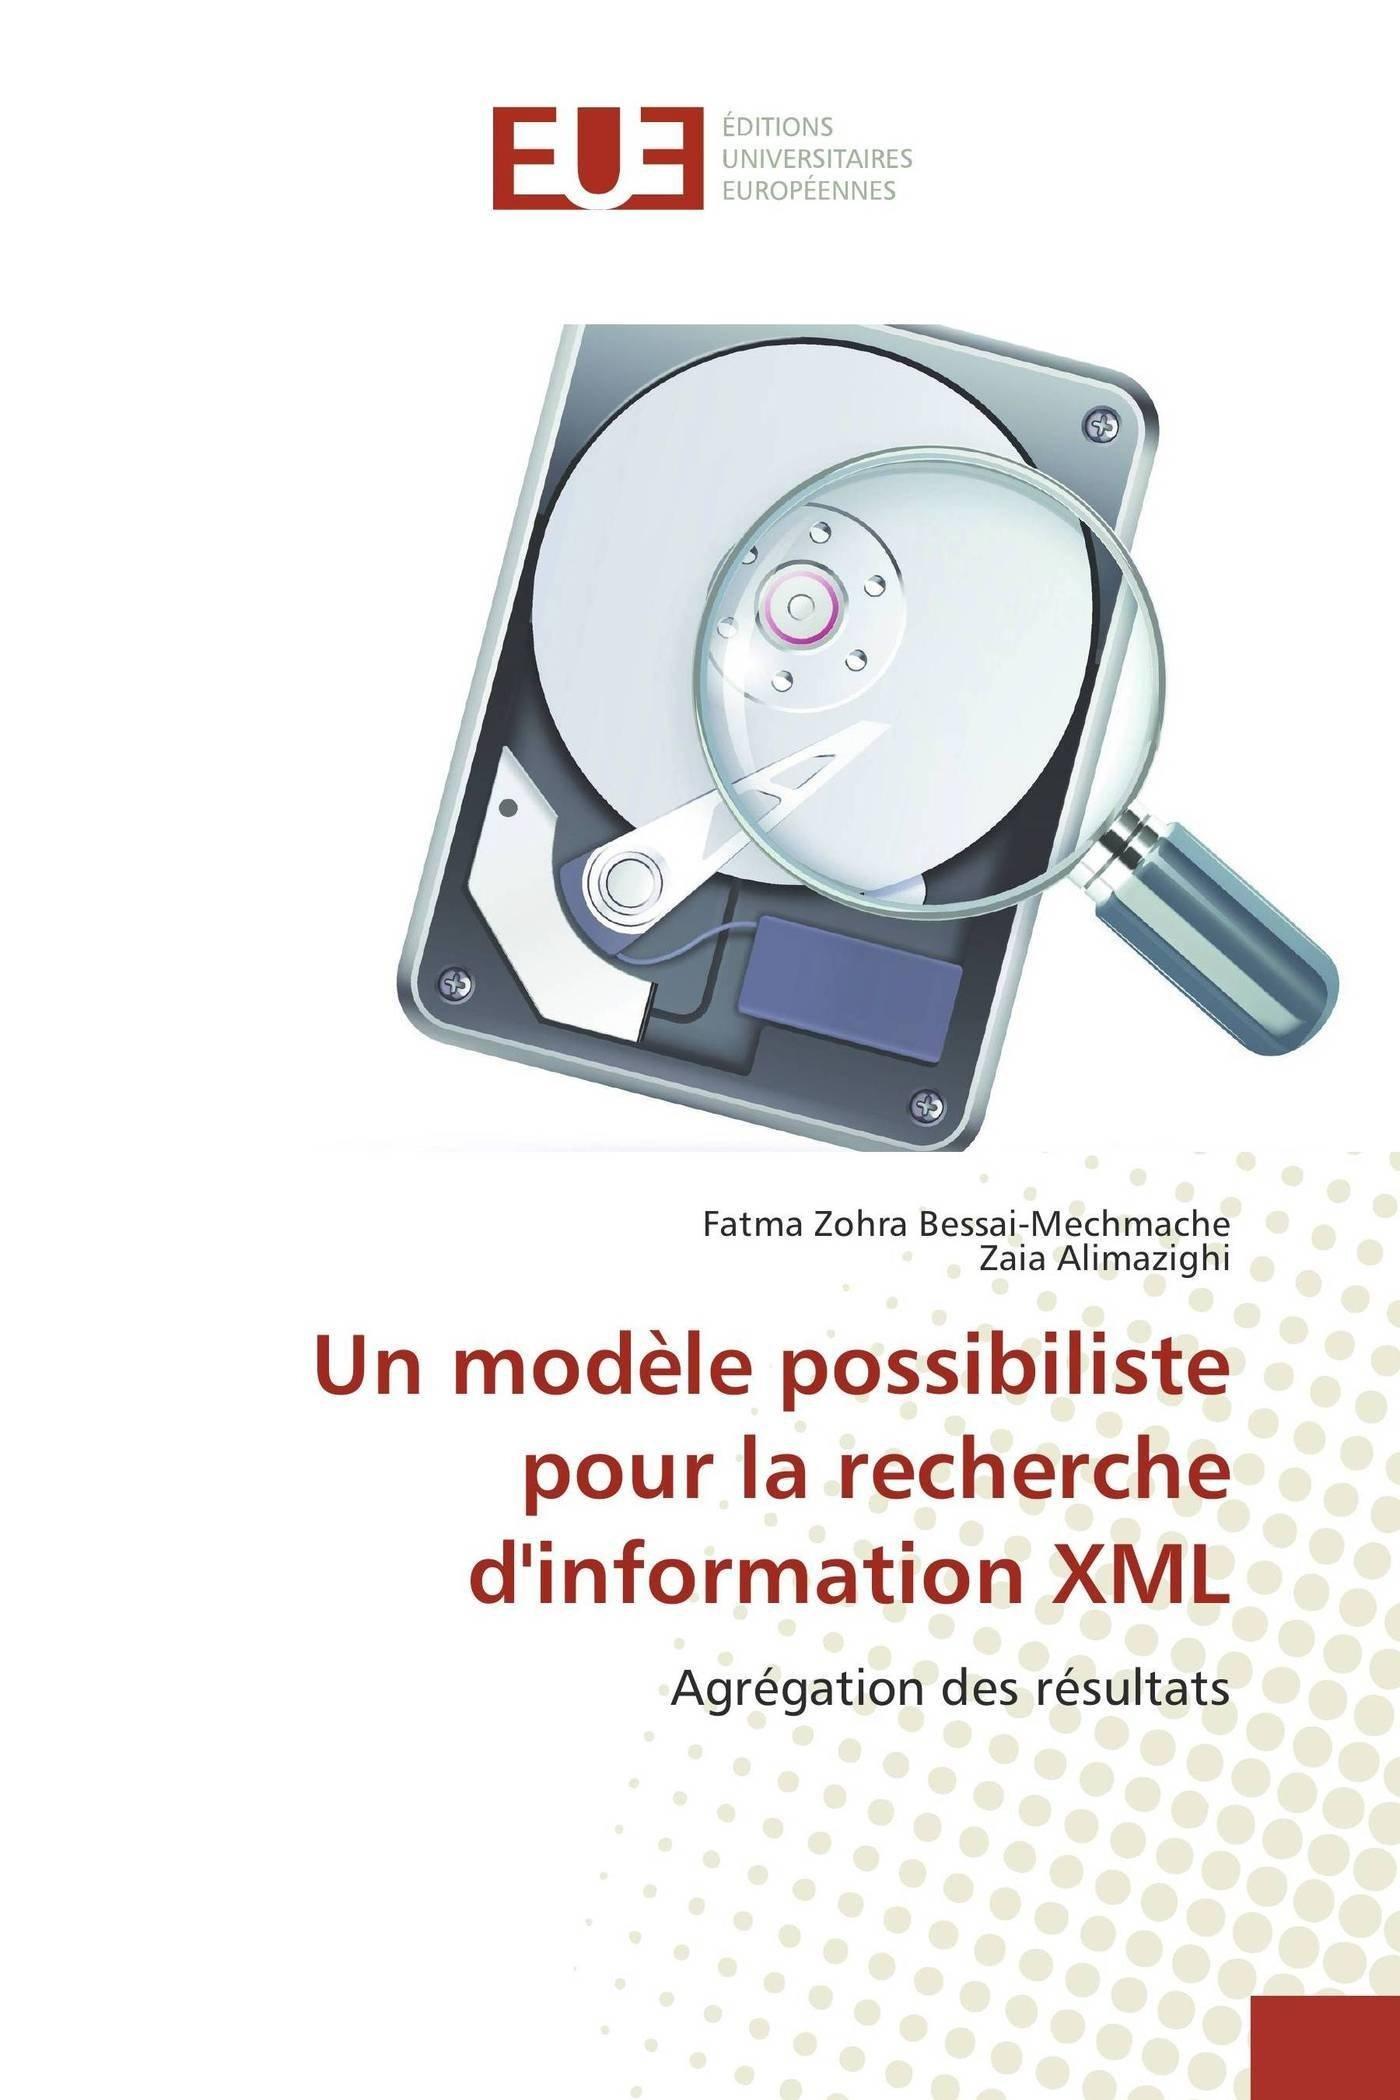 Un modèle possibiliste pour la recherche d'information XML: Agrégation des résultats (Omn.Univ.Europ.) (French Edition) pdf epub